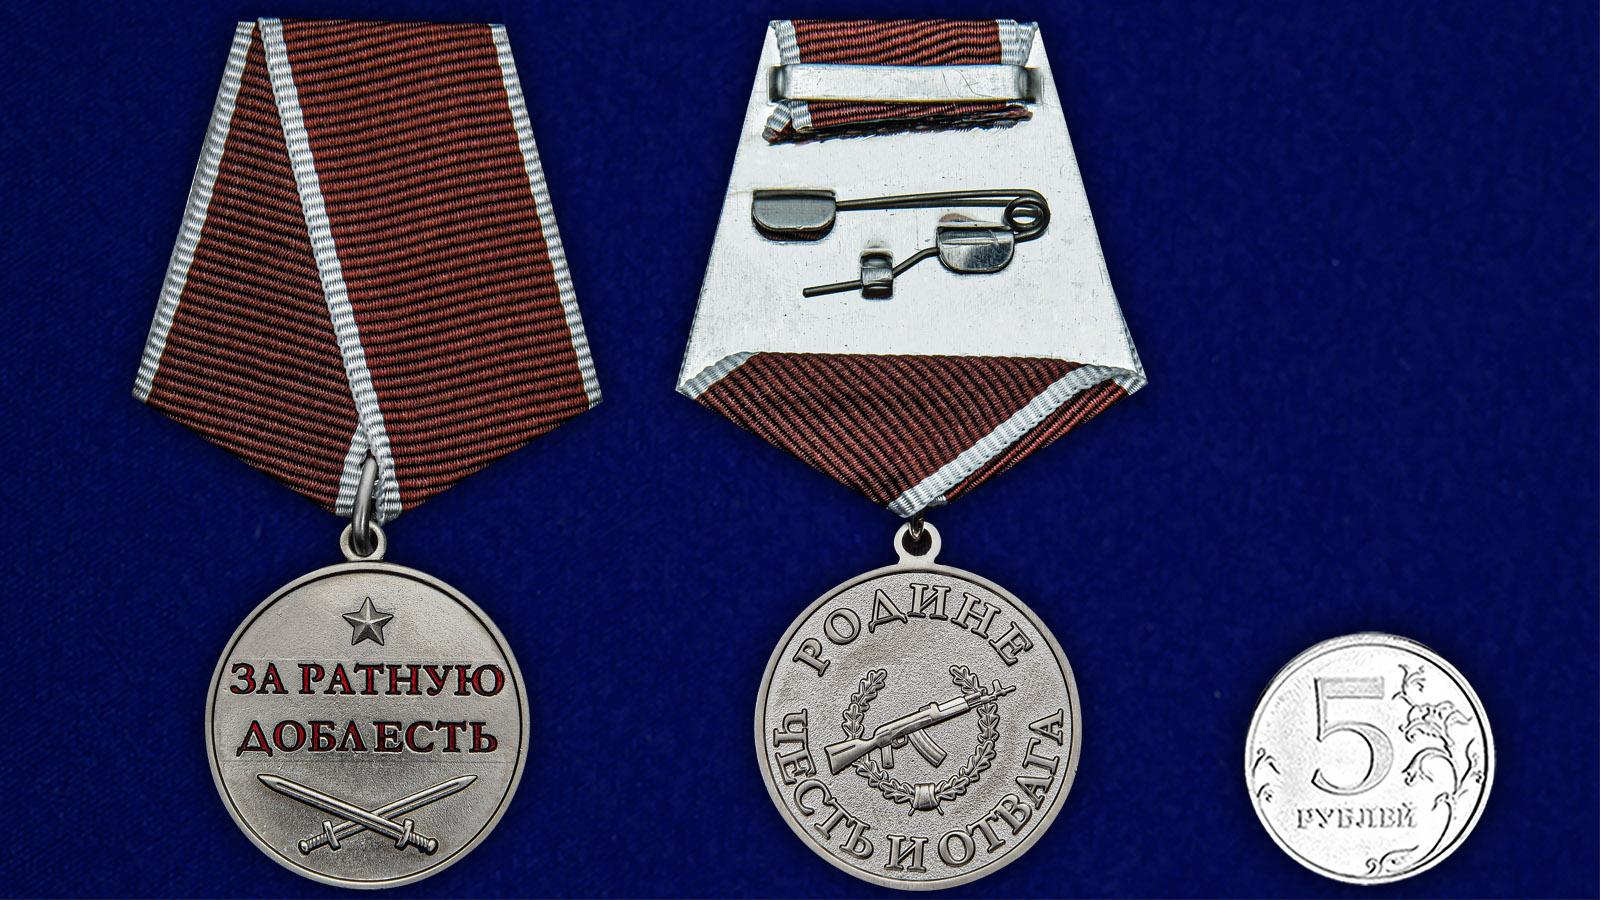 Медаль За ратную доблесть - сравнительный размер